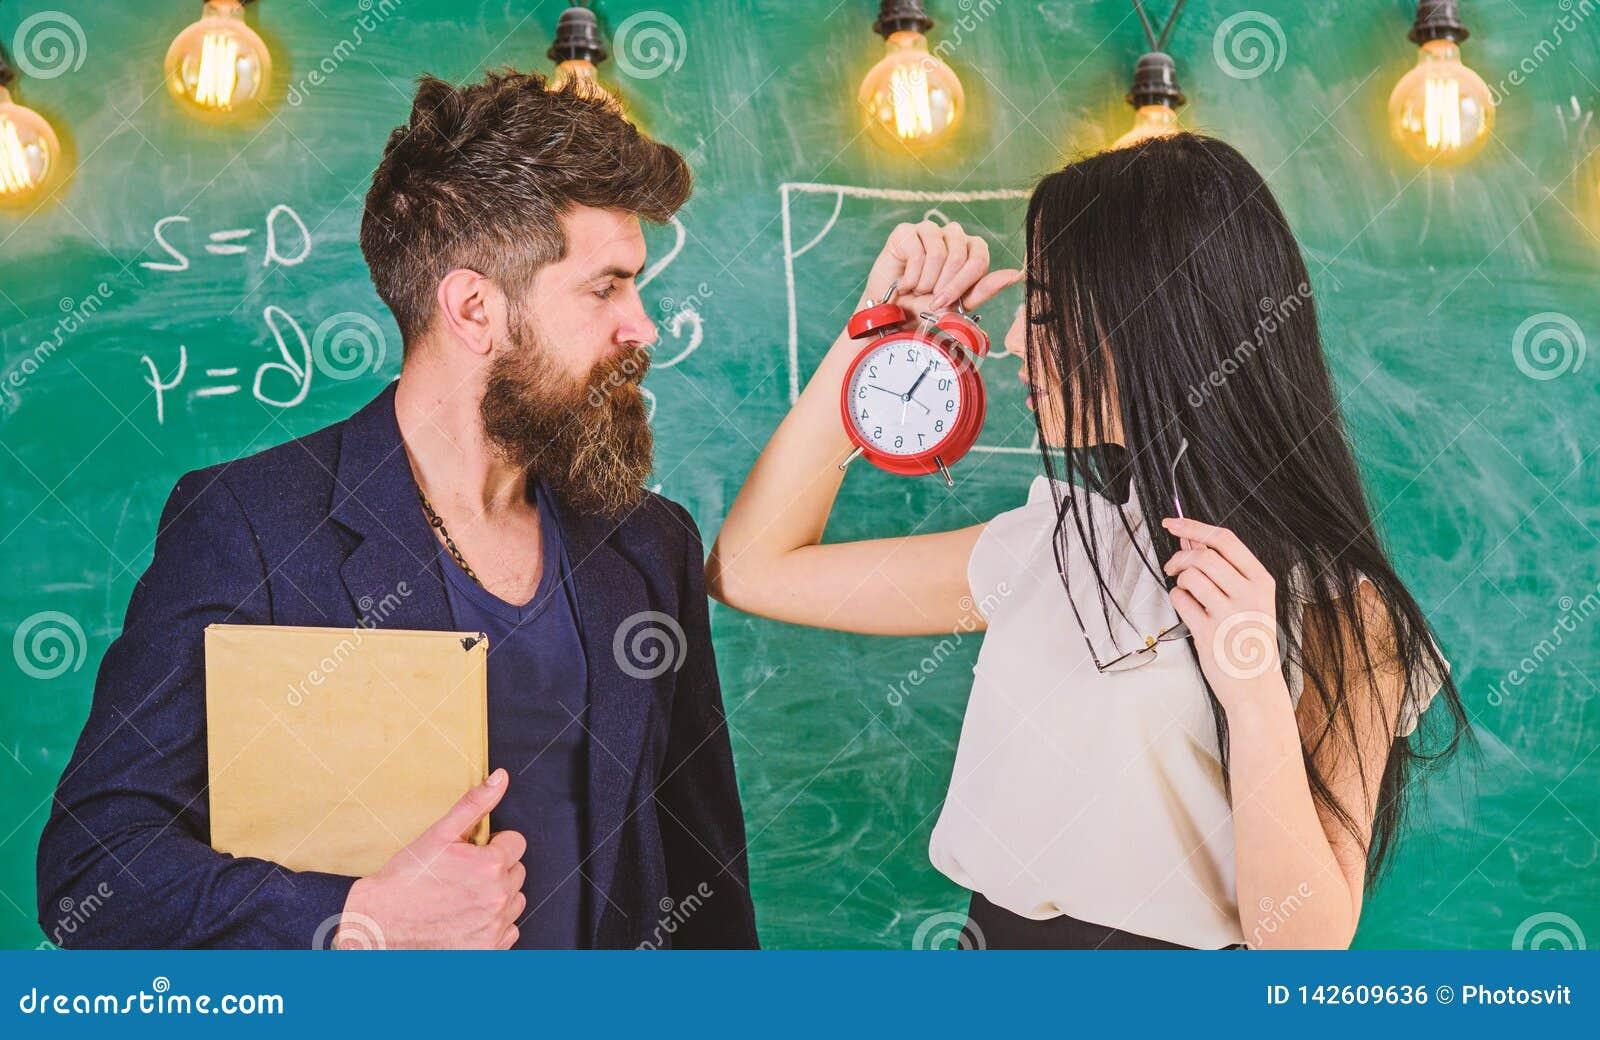 Γυναικείος δάσκαλος και ακριβής schoolmaster προσοχή για την πειθαρχία και κανόνες στο σχολείο Το σχολείο κυβερνά την έννοια άτομ